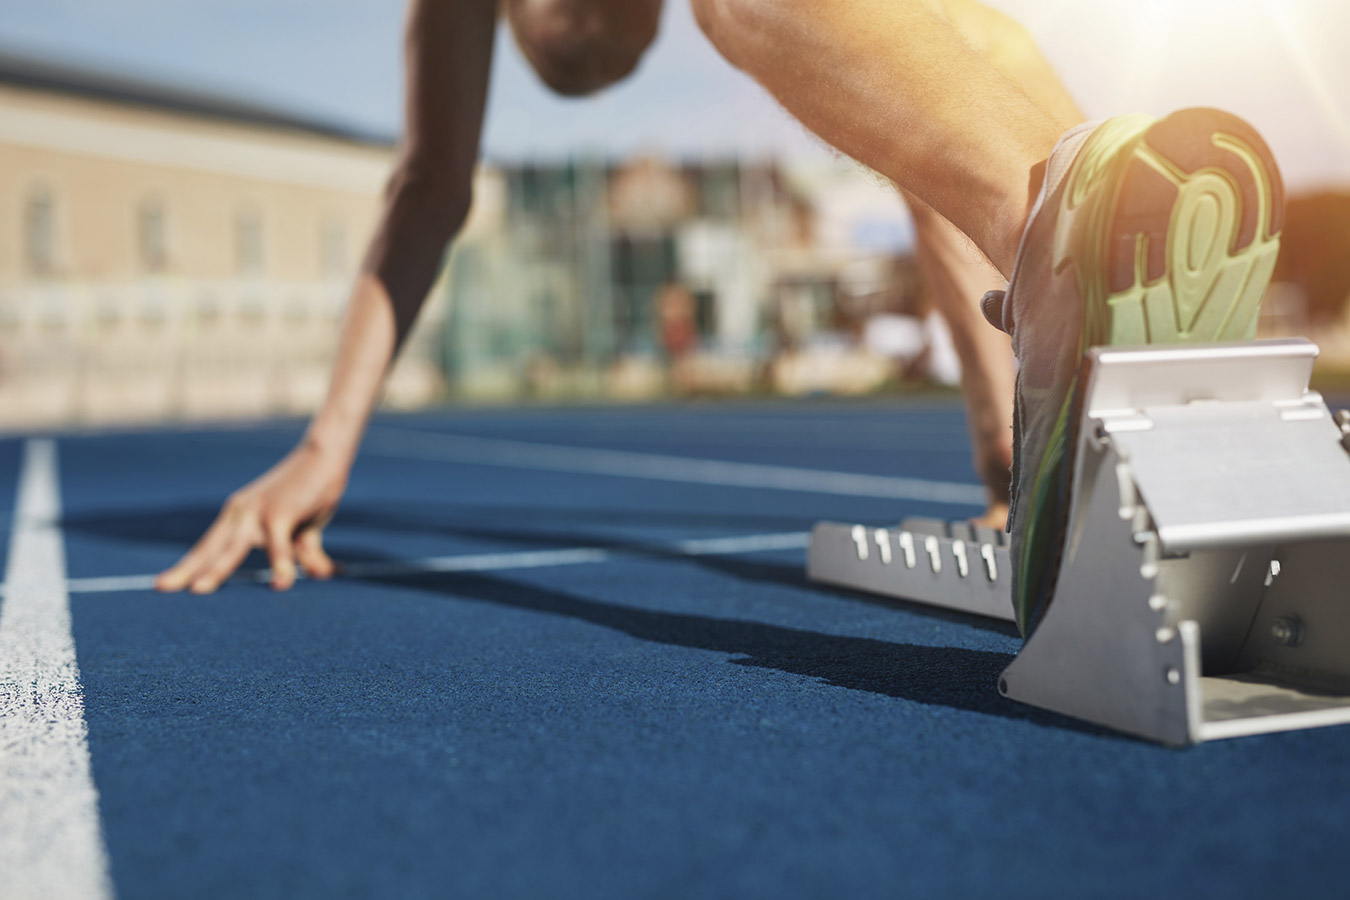 IOC/IPC Athlete Career Program